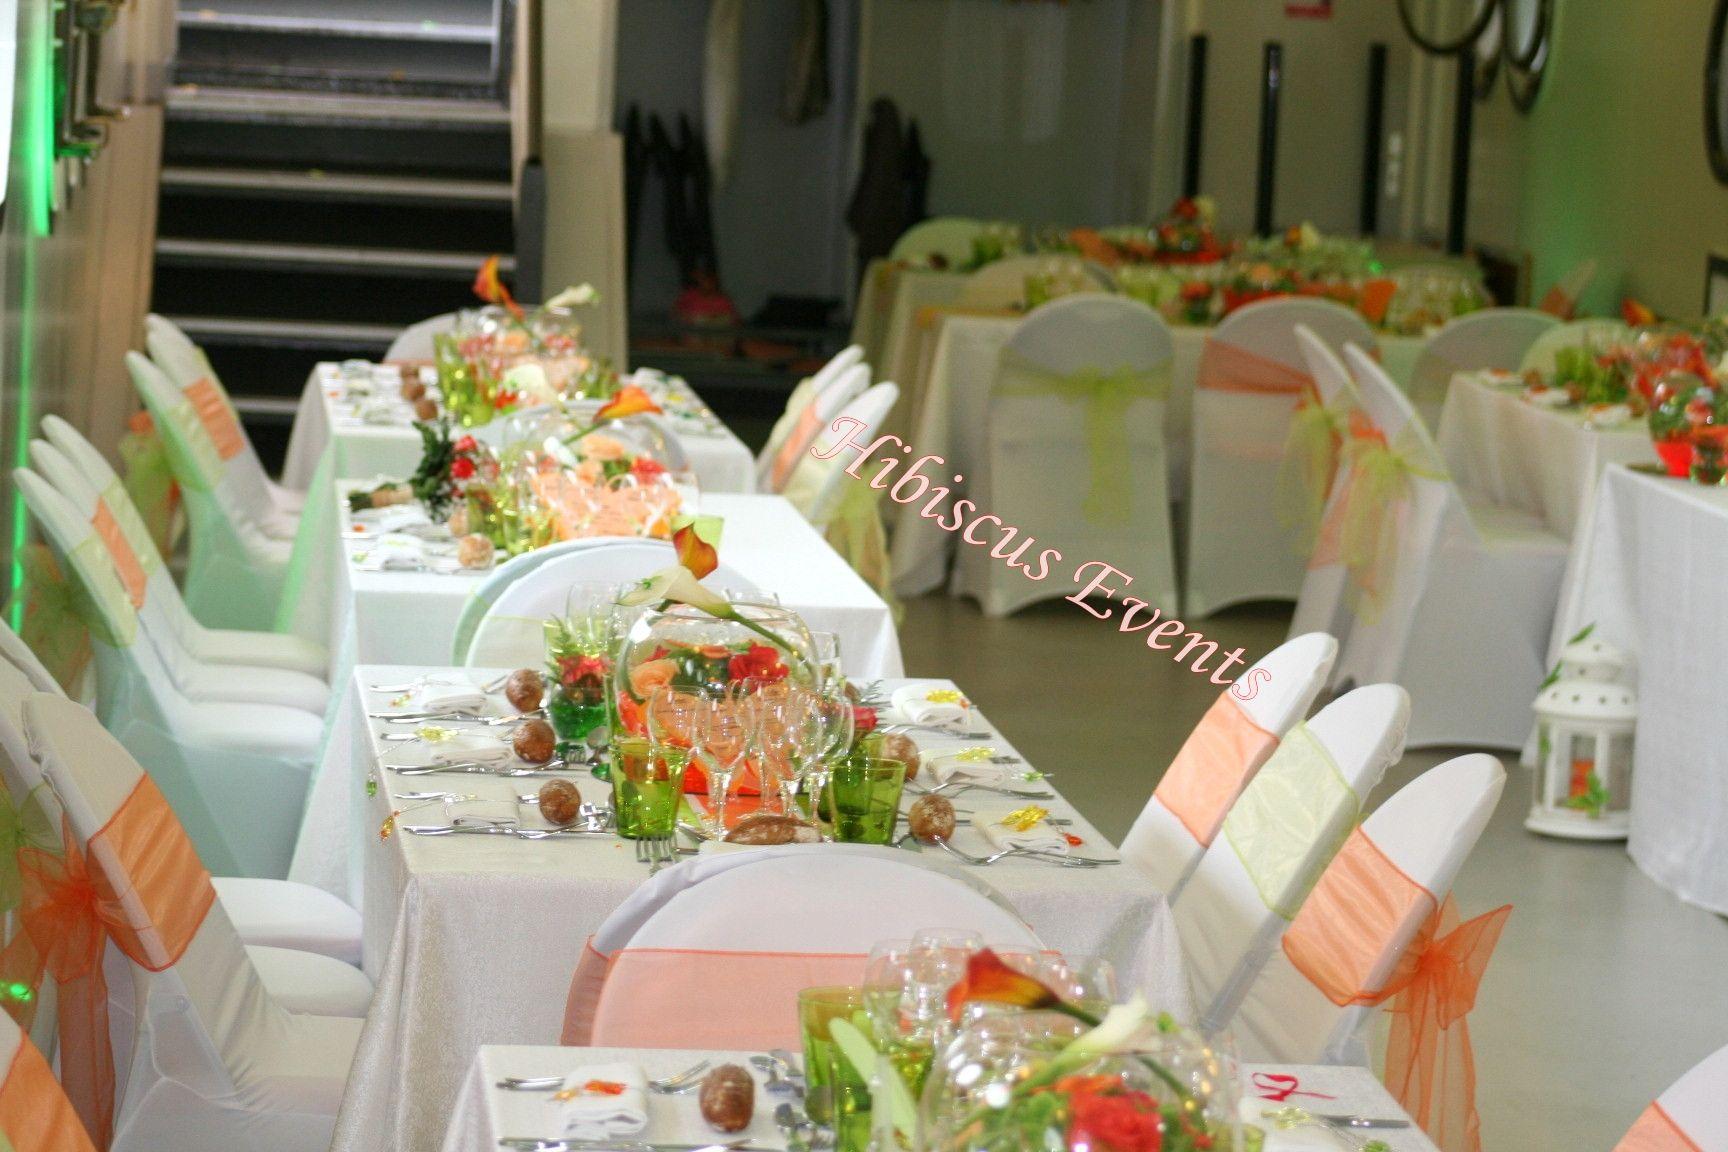 décoration de table aux couleurs vert anis et orange #hibiscusevents